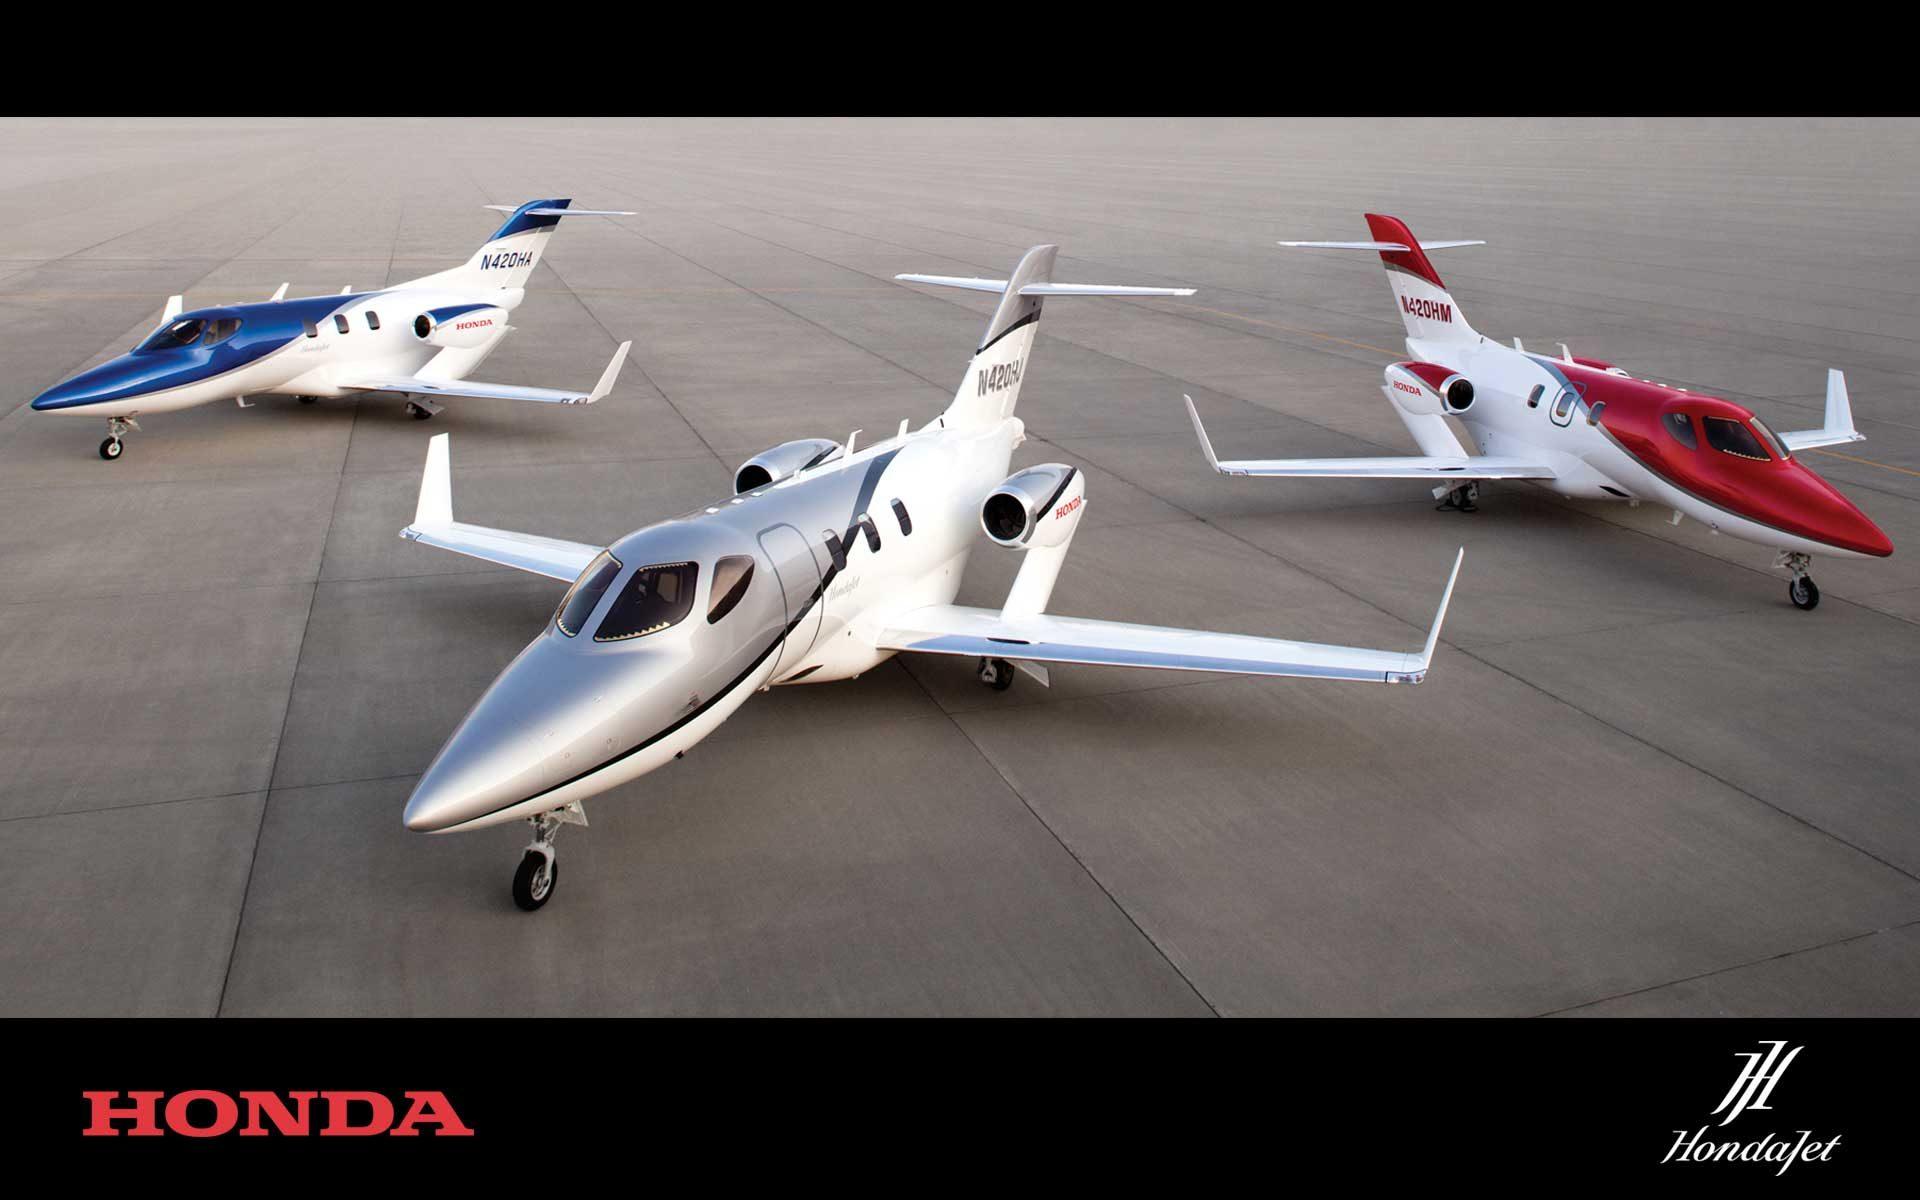 طائرات هوندا ومستقبلها في عالم الطيران